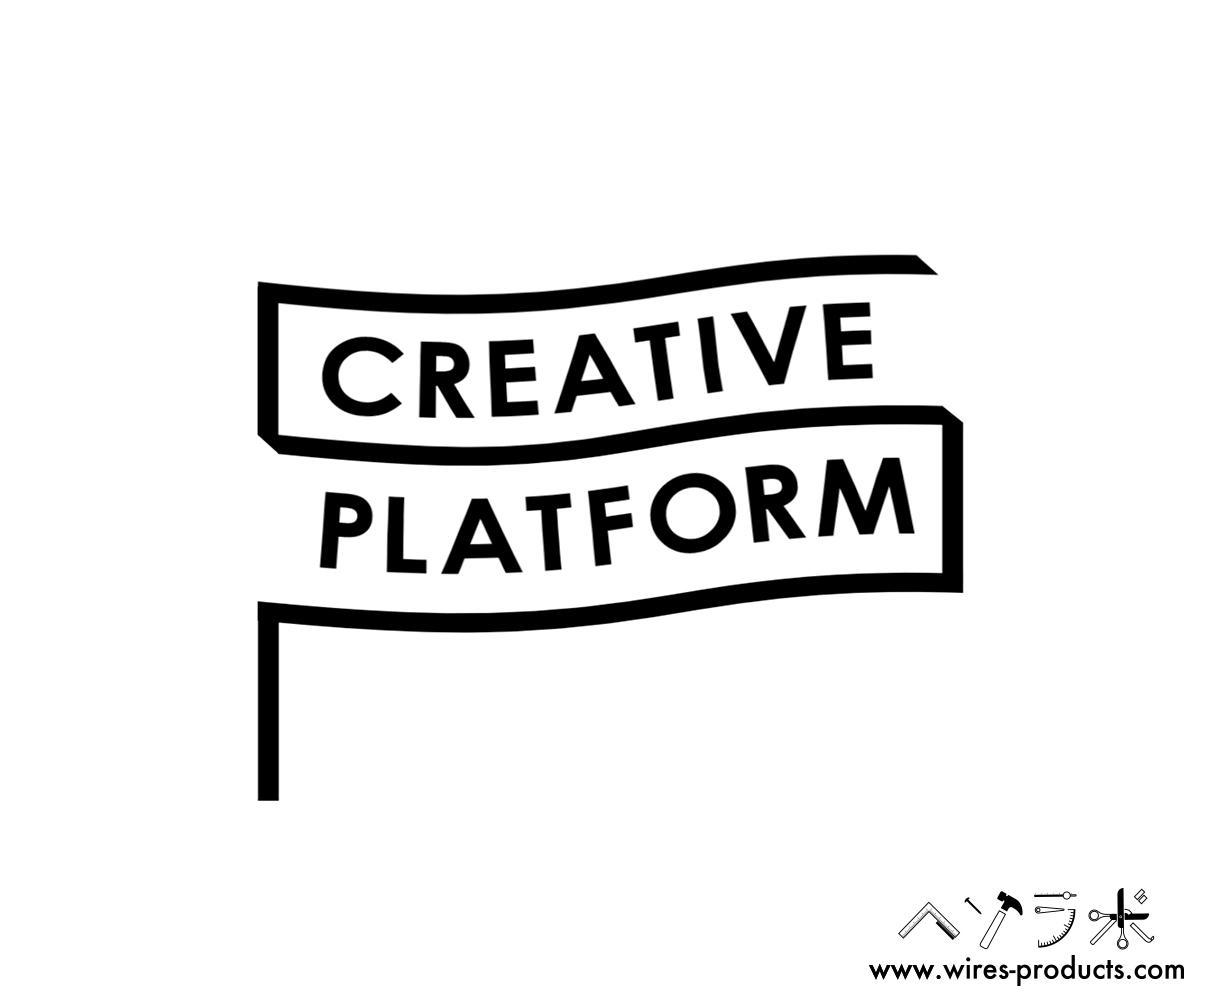 2D・3Dアニメーションをつくります インフォグラフィック、マニュアル、プロモーション動画に最適!